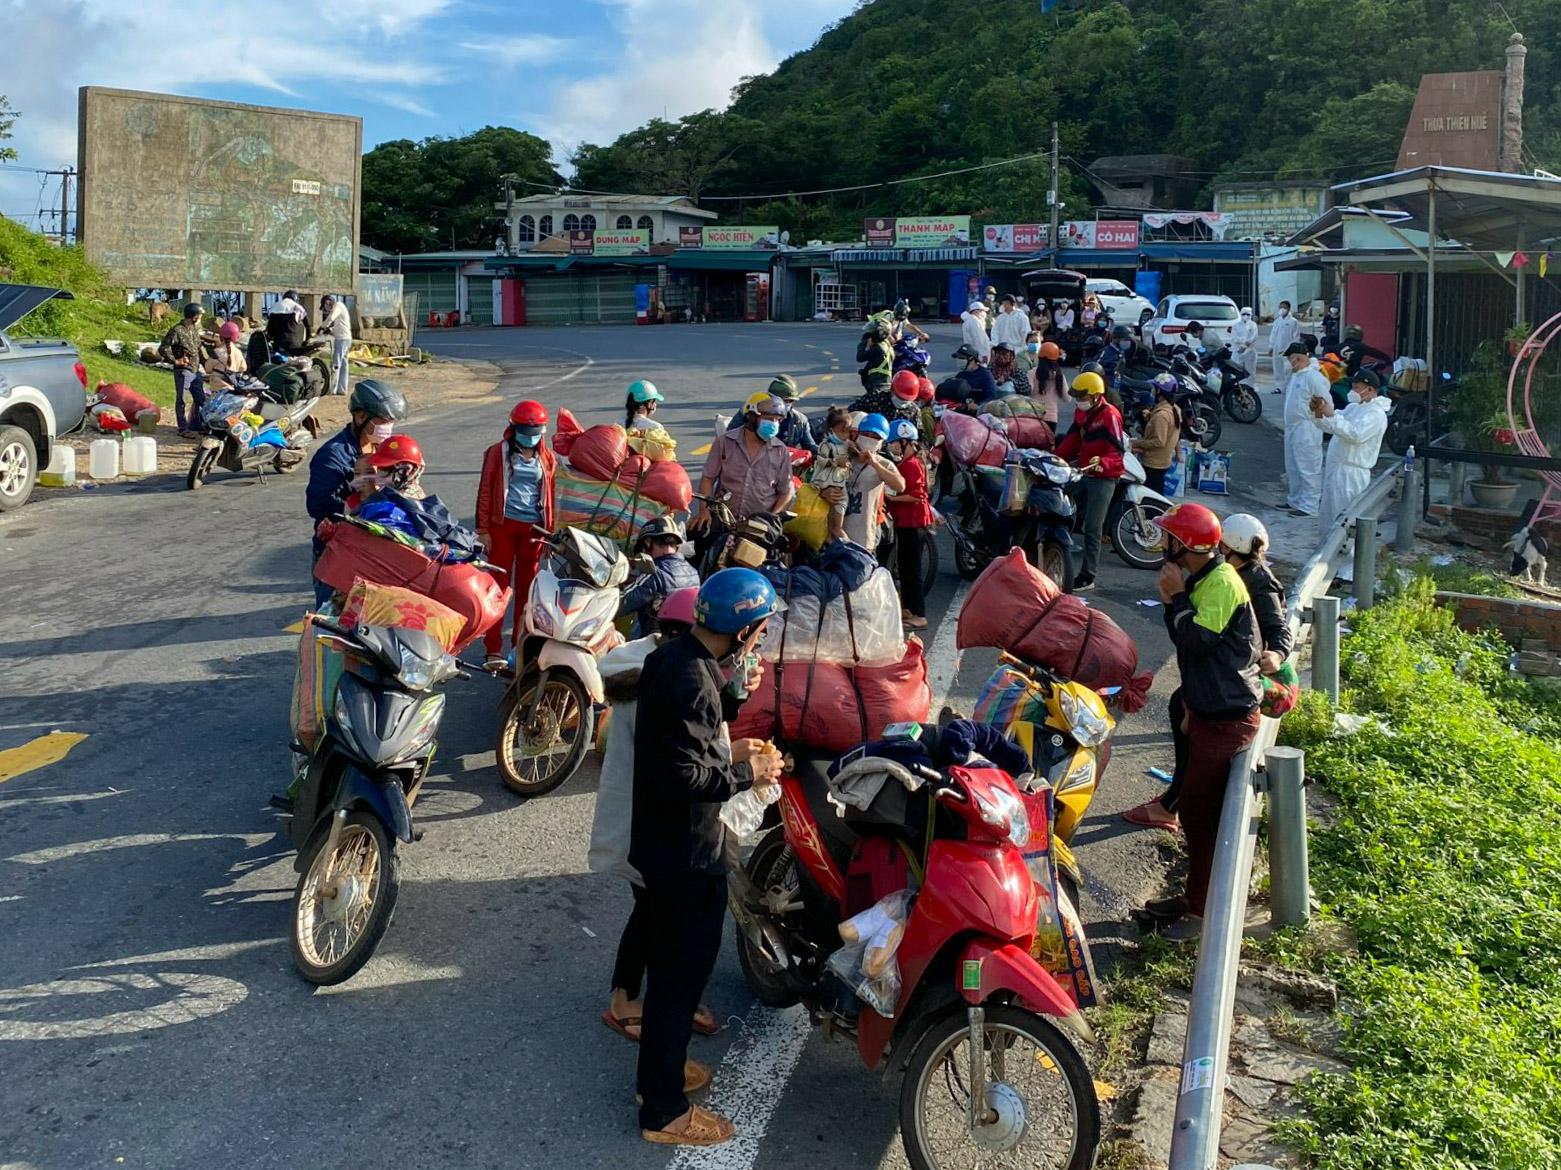 Người về quê đang dừng chân và được nhóm anh Phúc hỗ trợ trên đỉnh đèo Hải Vân ngày 28/9. Ảnh: Phúc Vạn Phúc.